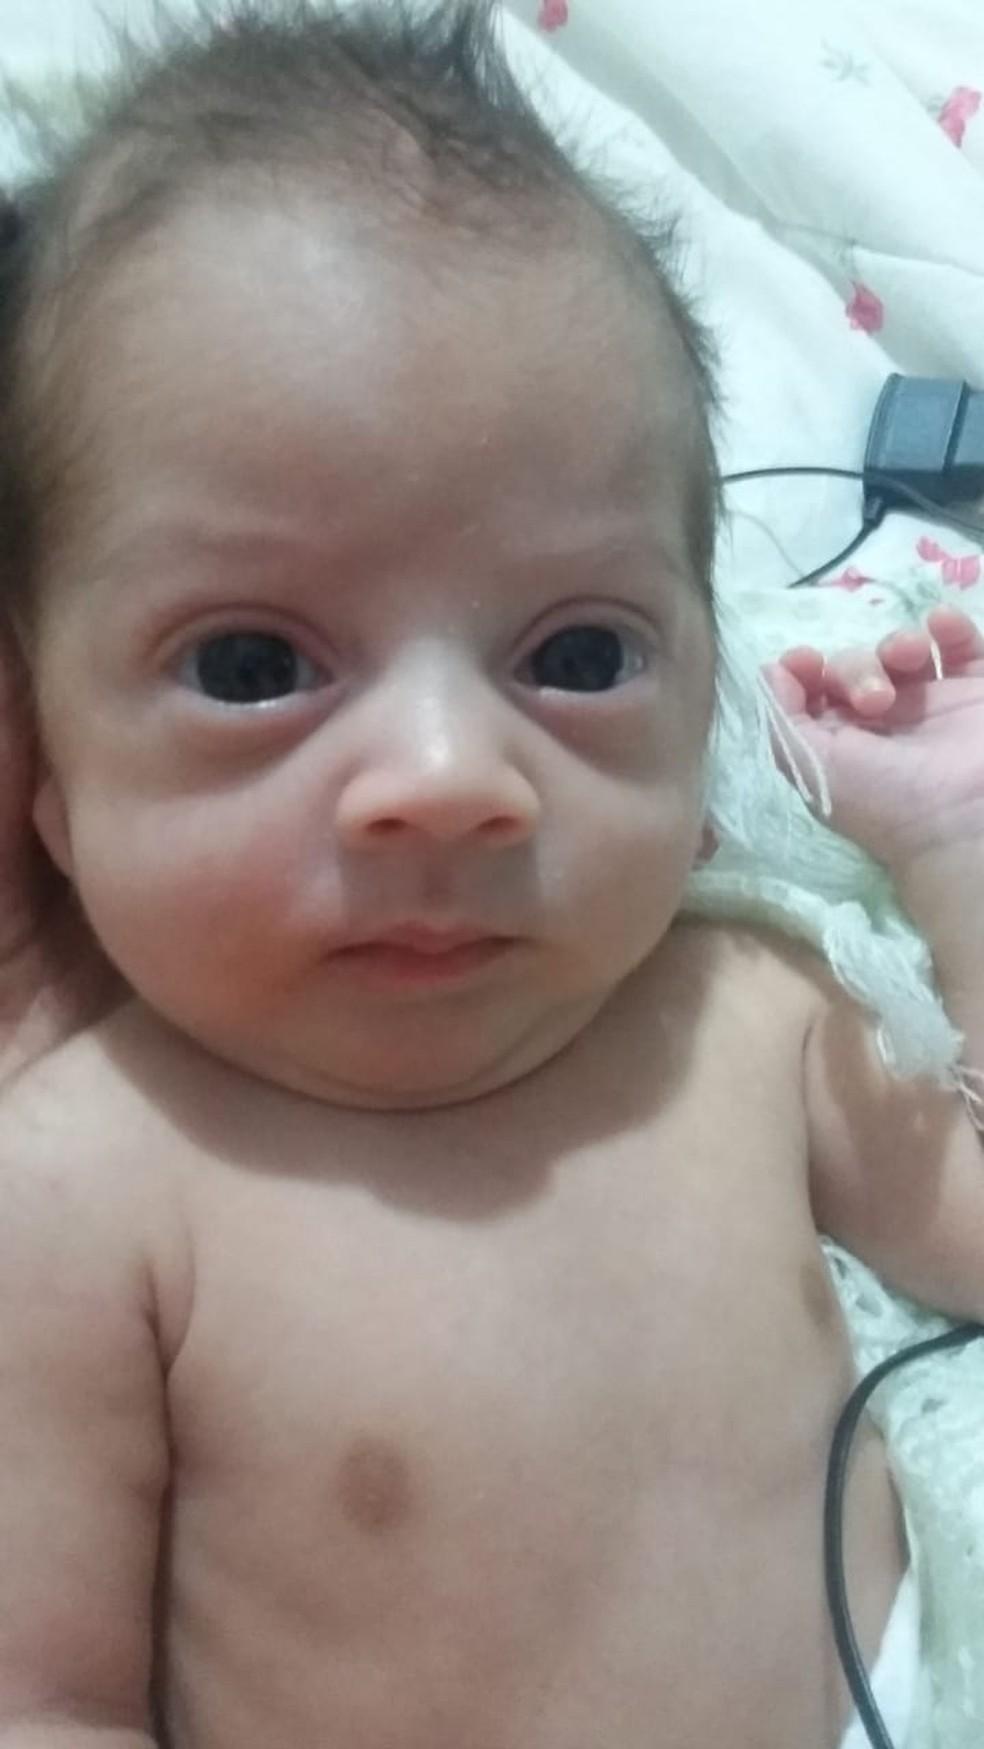 Bebê nasceu prematuro depois que mãe teve infecção pós cirurgia plástica na barriga — Foto: Arquivo pessoal